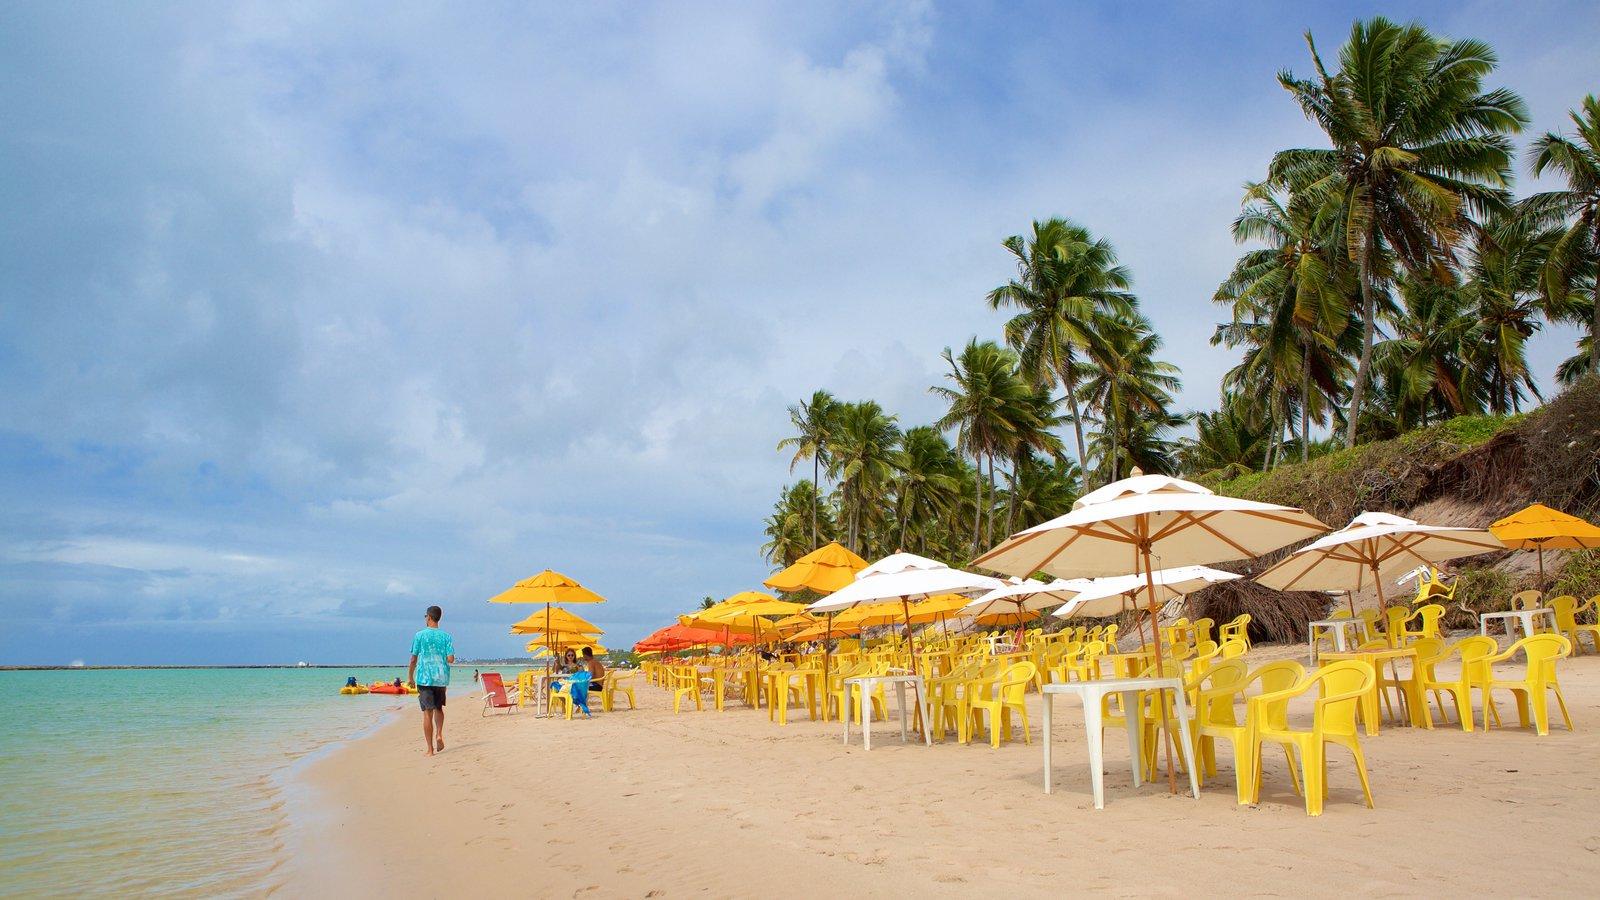 Ipojuca mostrando paisagens litorâneas, cenas tropicais e uma praia de areia